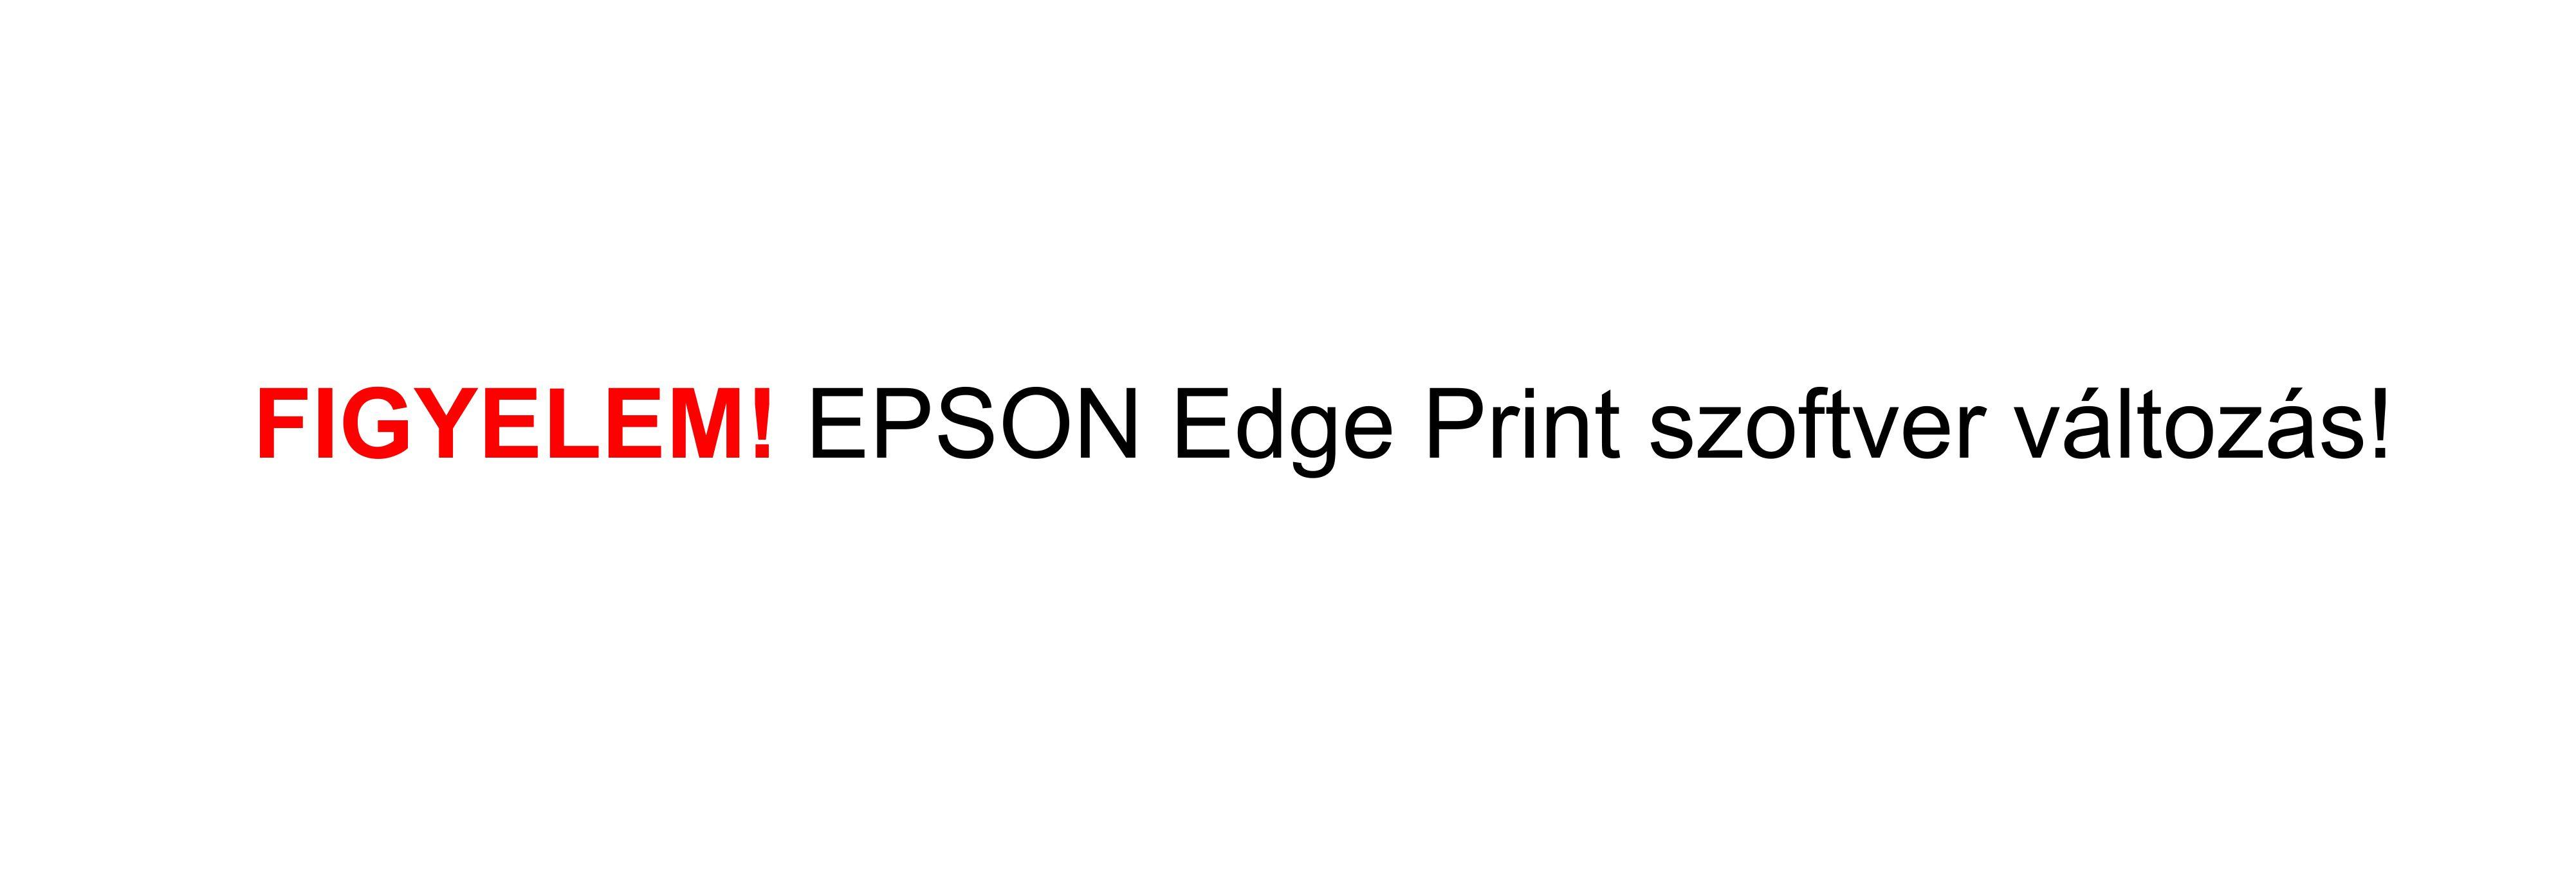 Figyelem! EPSON Edge Print szoftver frissítés - eltérő színek!